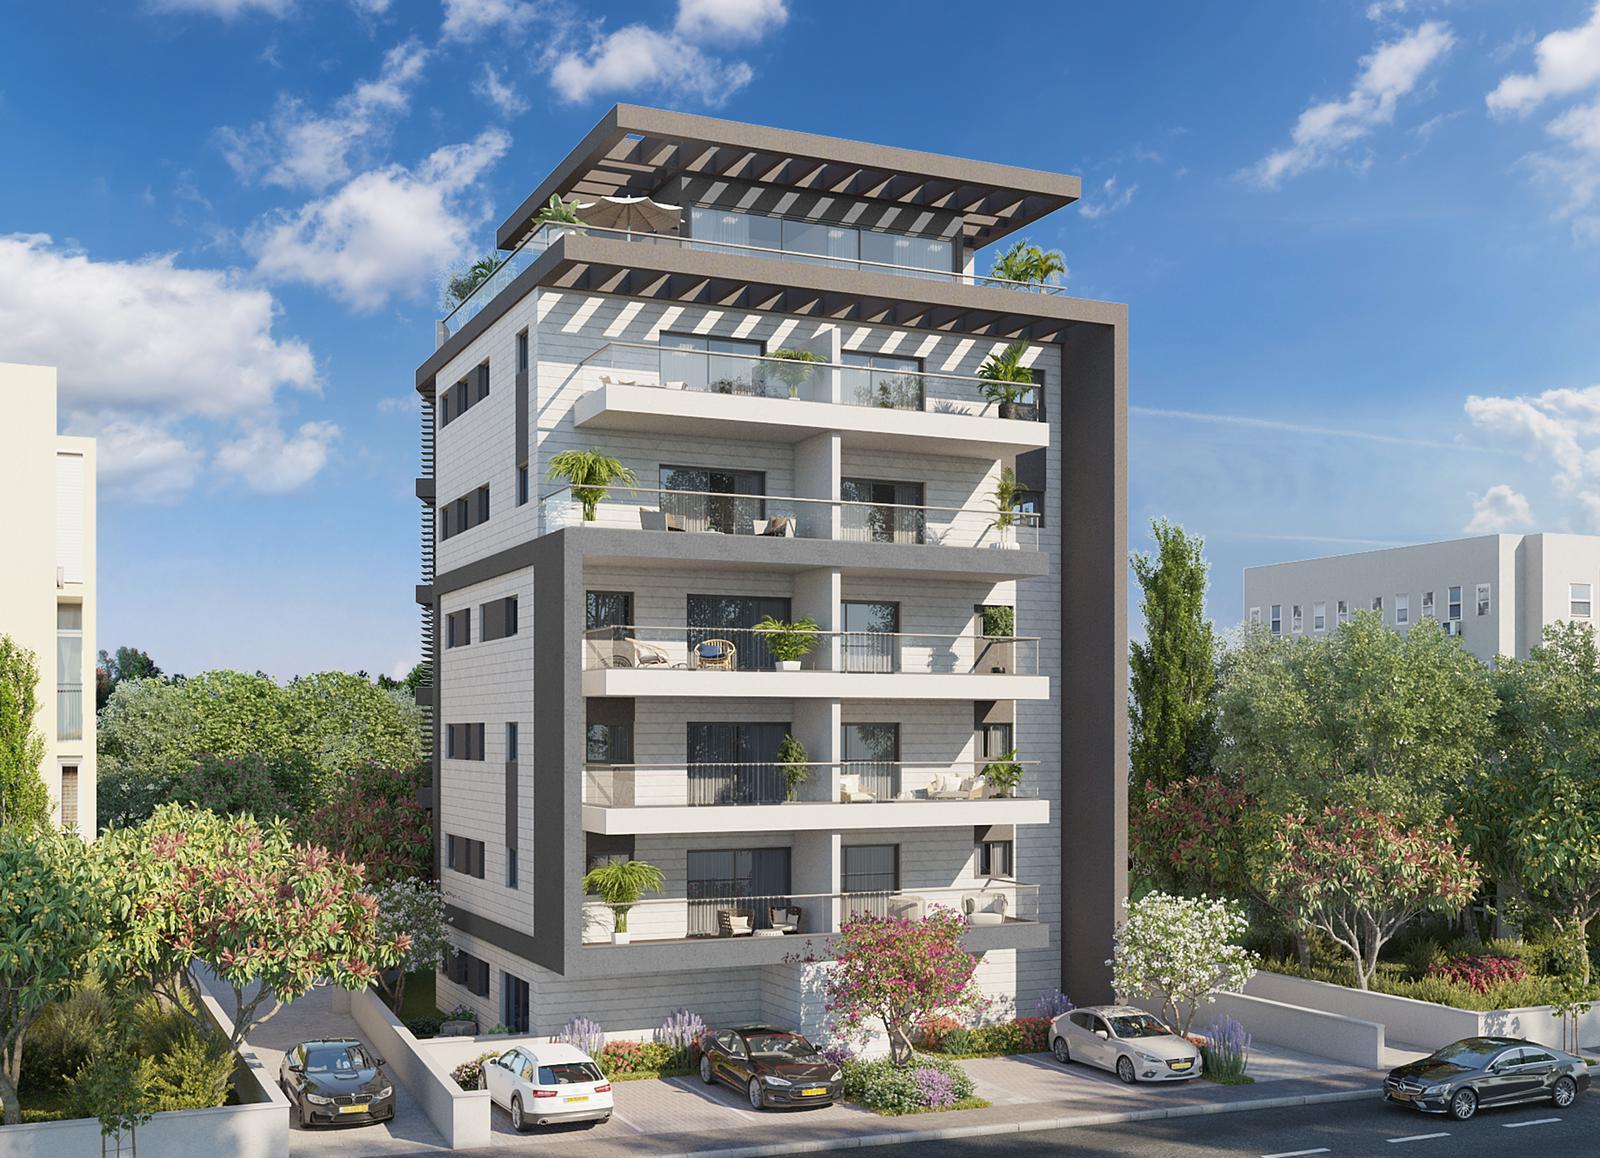 דירת גן ברחוב מבוקש בביאליק